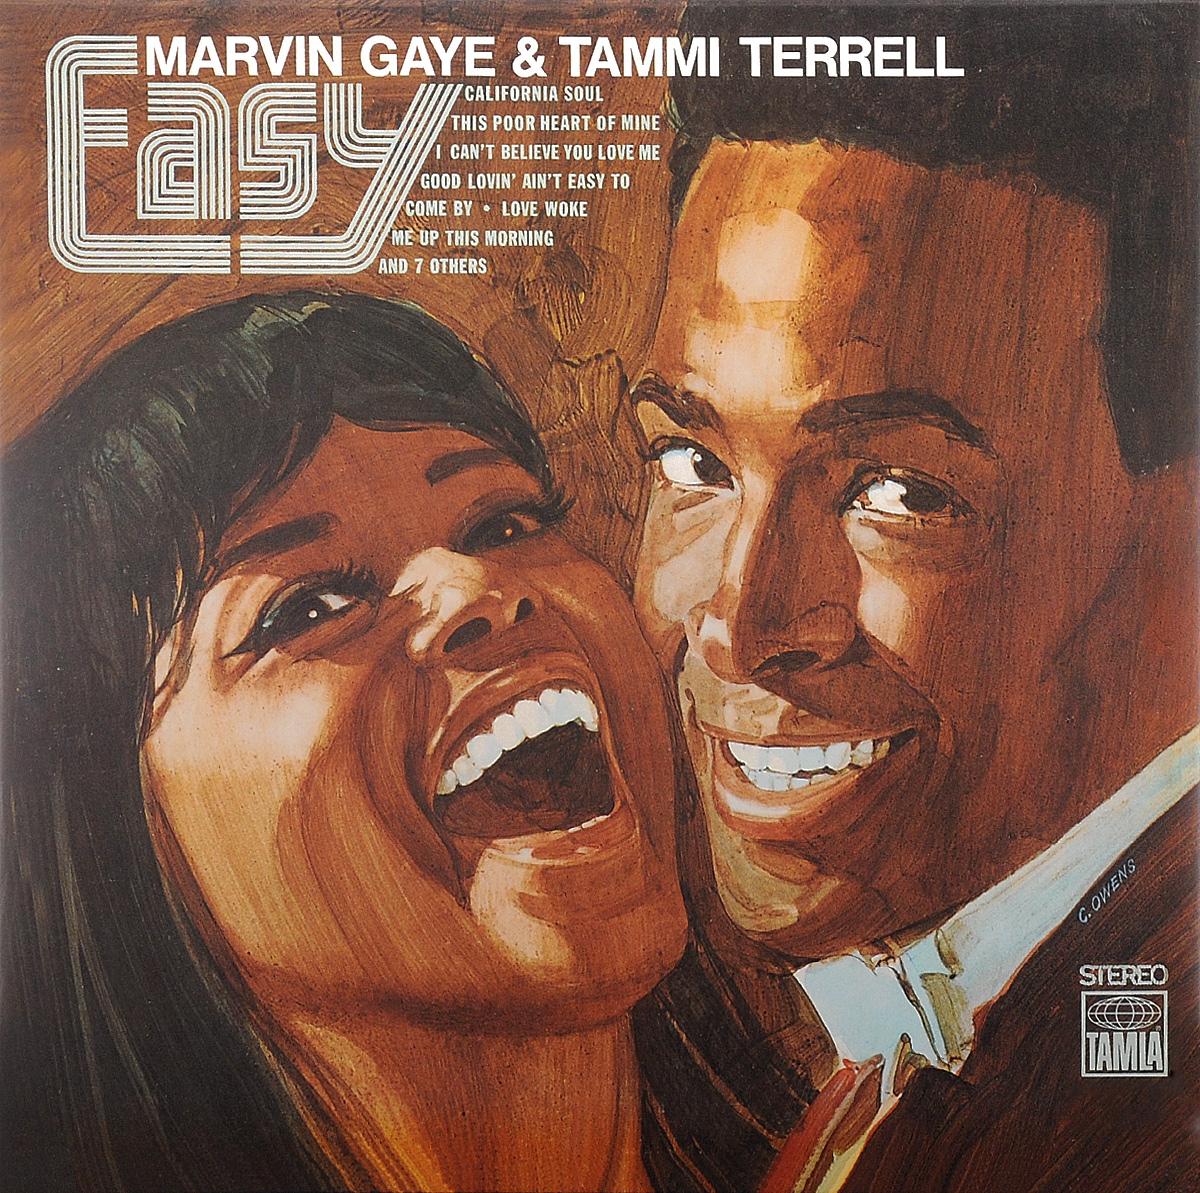 Марвин Гэй,Тамми Тэррелл Marvin Gaye & Tammi Terrell. Easy (LP) марвин гэй marvin gaye volume jne 1961 1965 7 lp